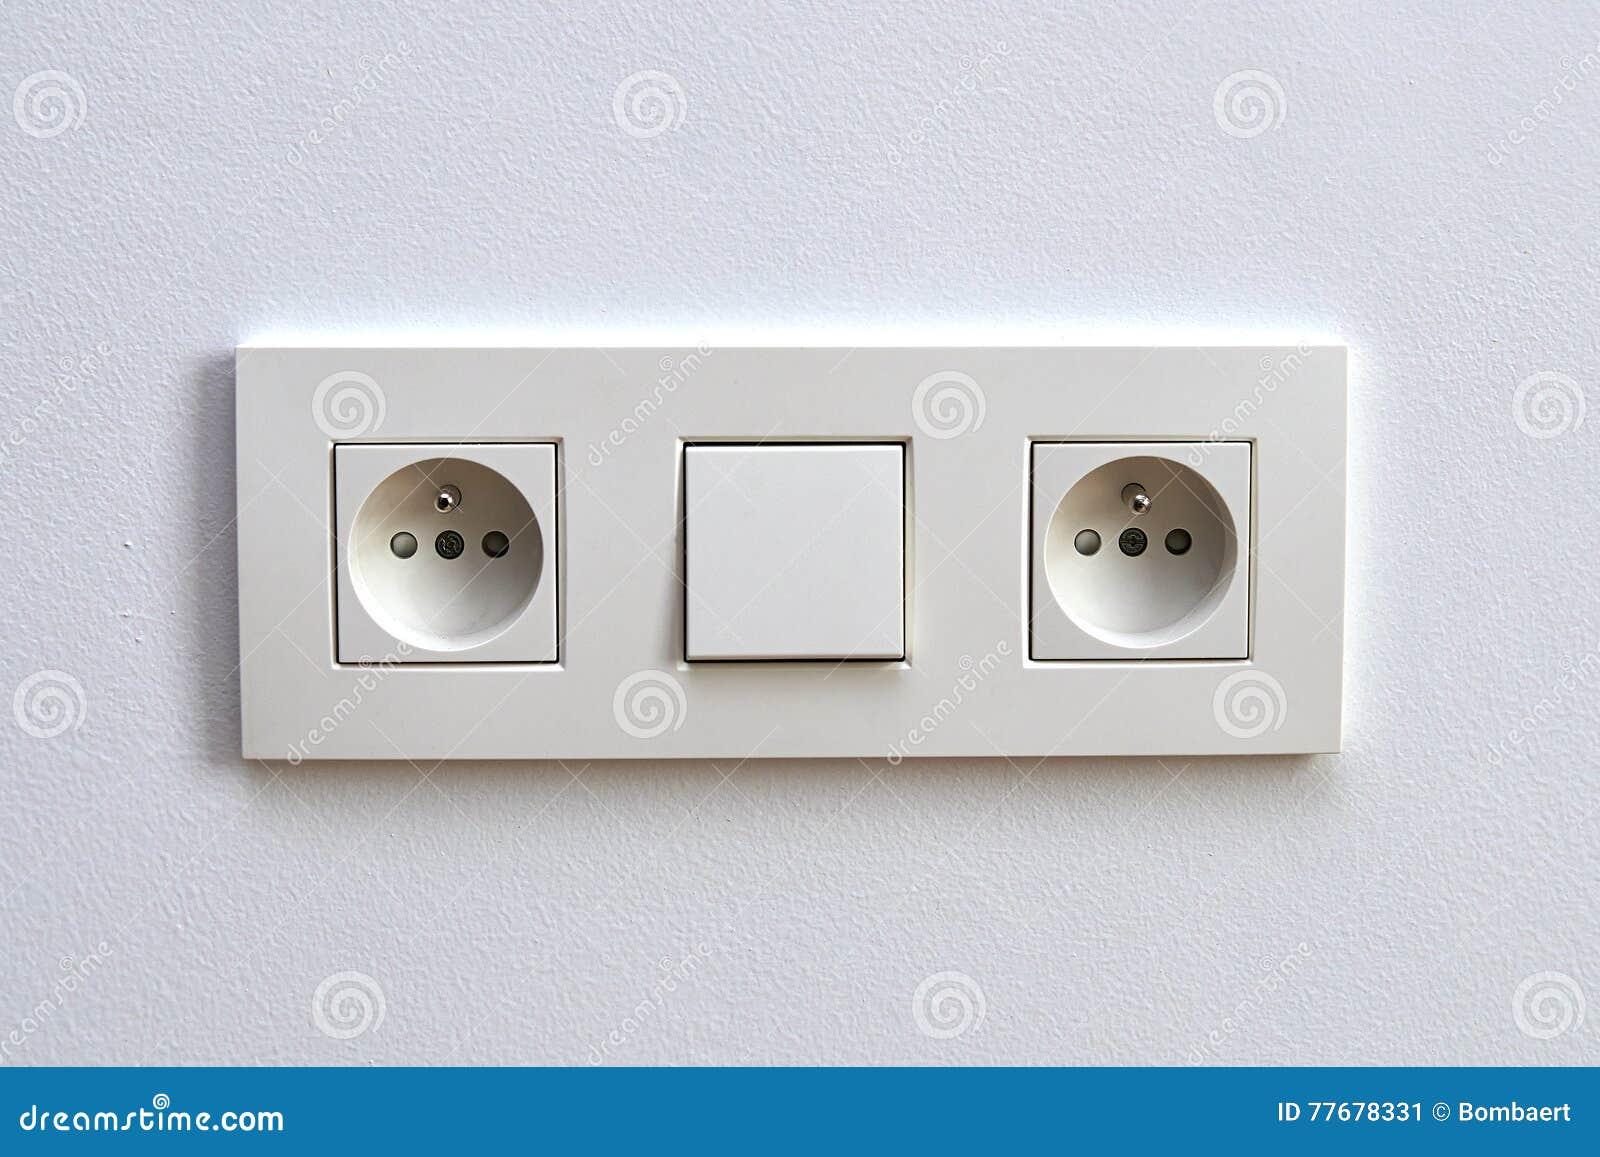 Unika Vit Ljus Strömbrytare Och Elektriskt Uttag Fotografering för DT-24